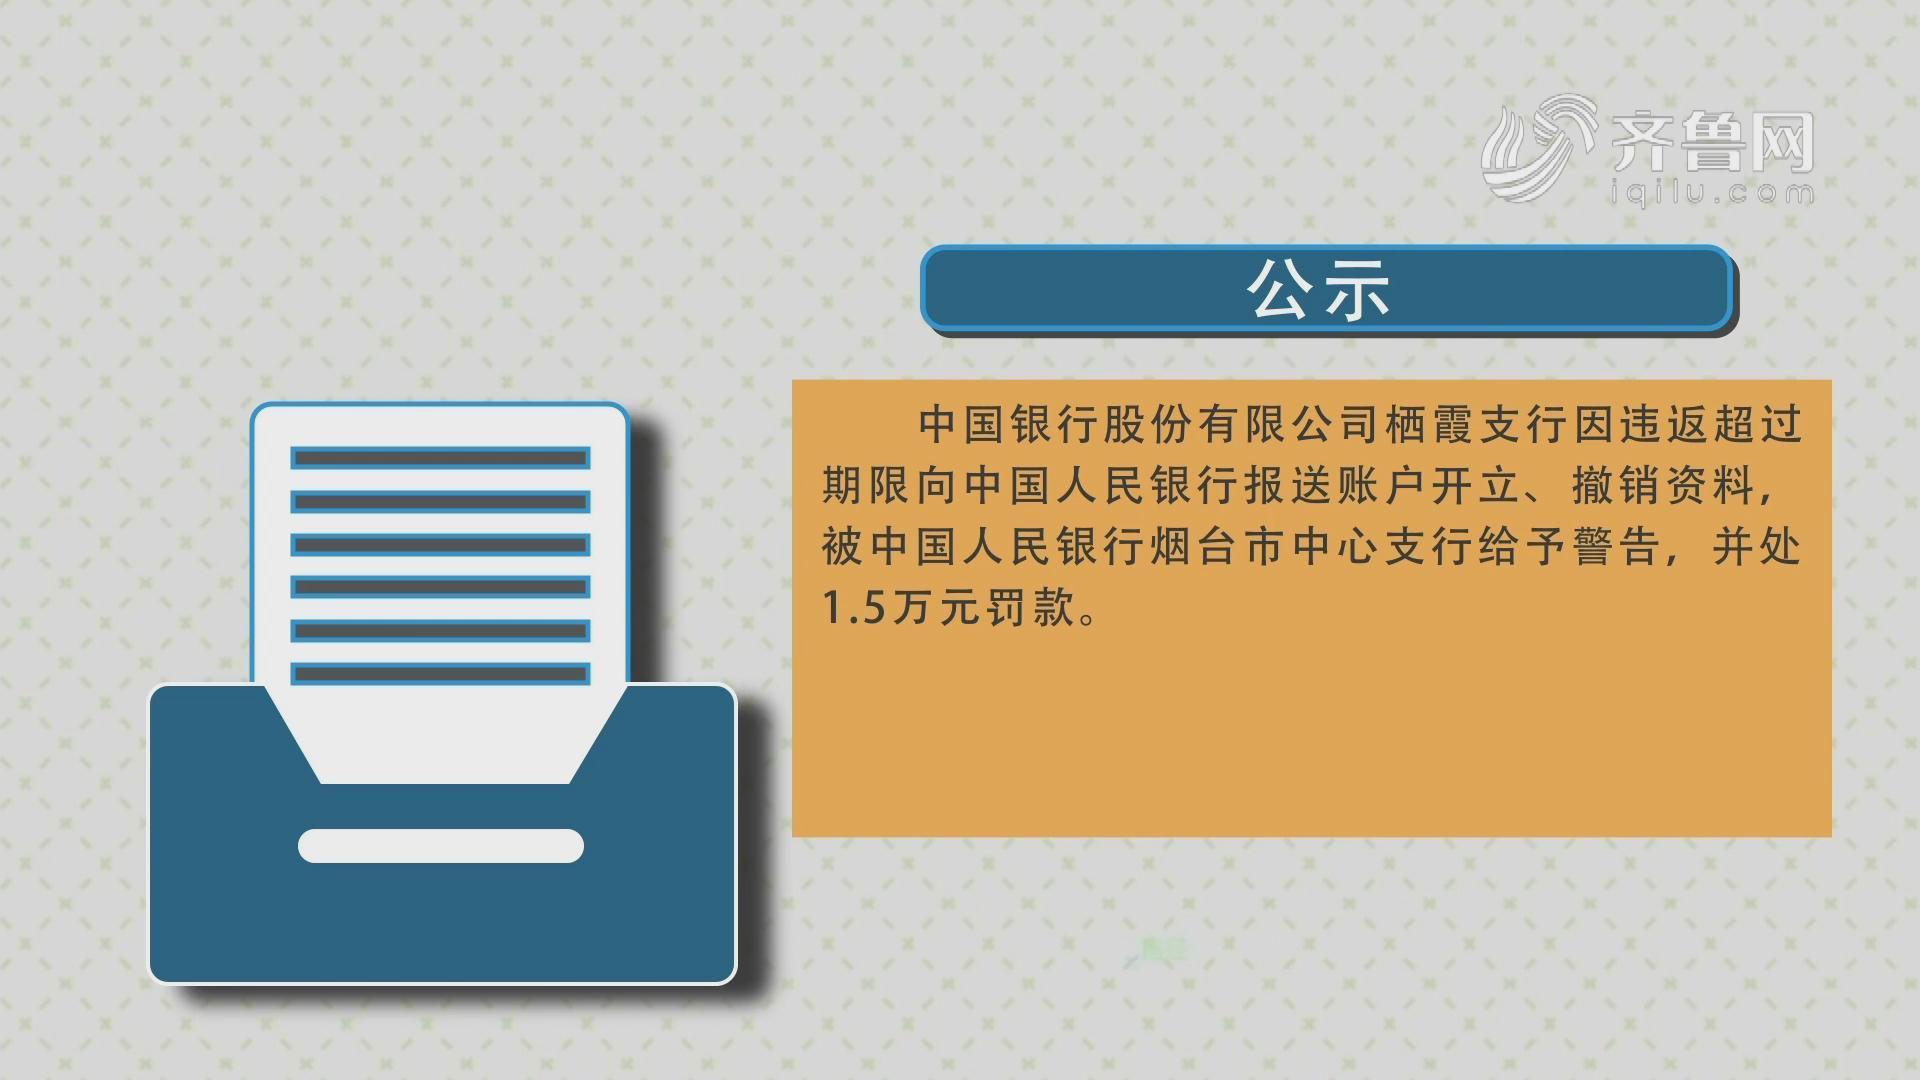 中国人民银行烟台市中心支行、人民银行临沂市中心支行公布了对中国银行股份有限公司栖霞支行等多家银行金融机构的处罚公示《齐鲁金融》20200115播出